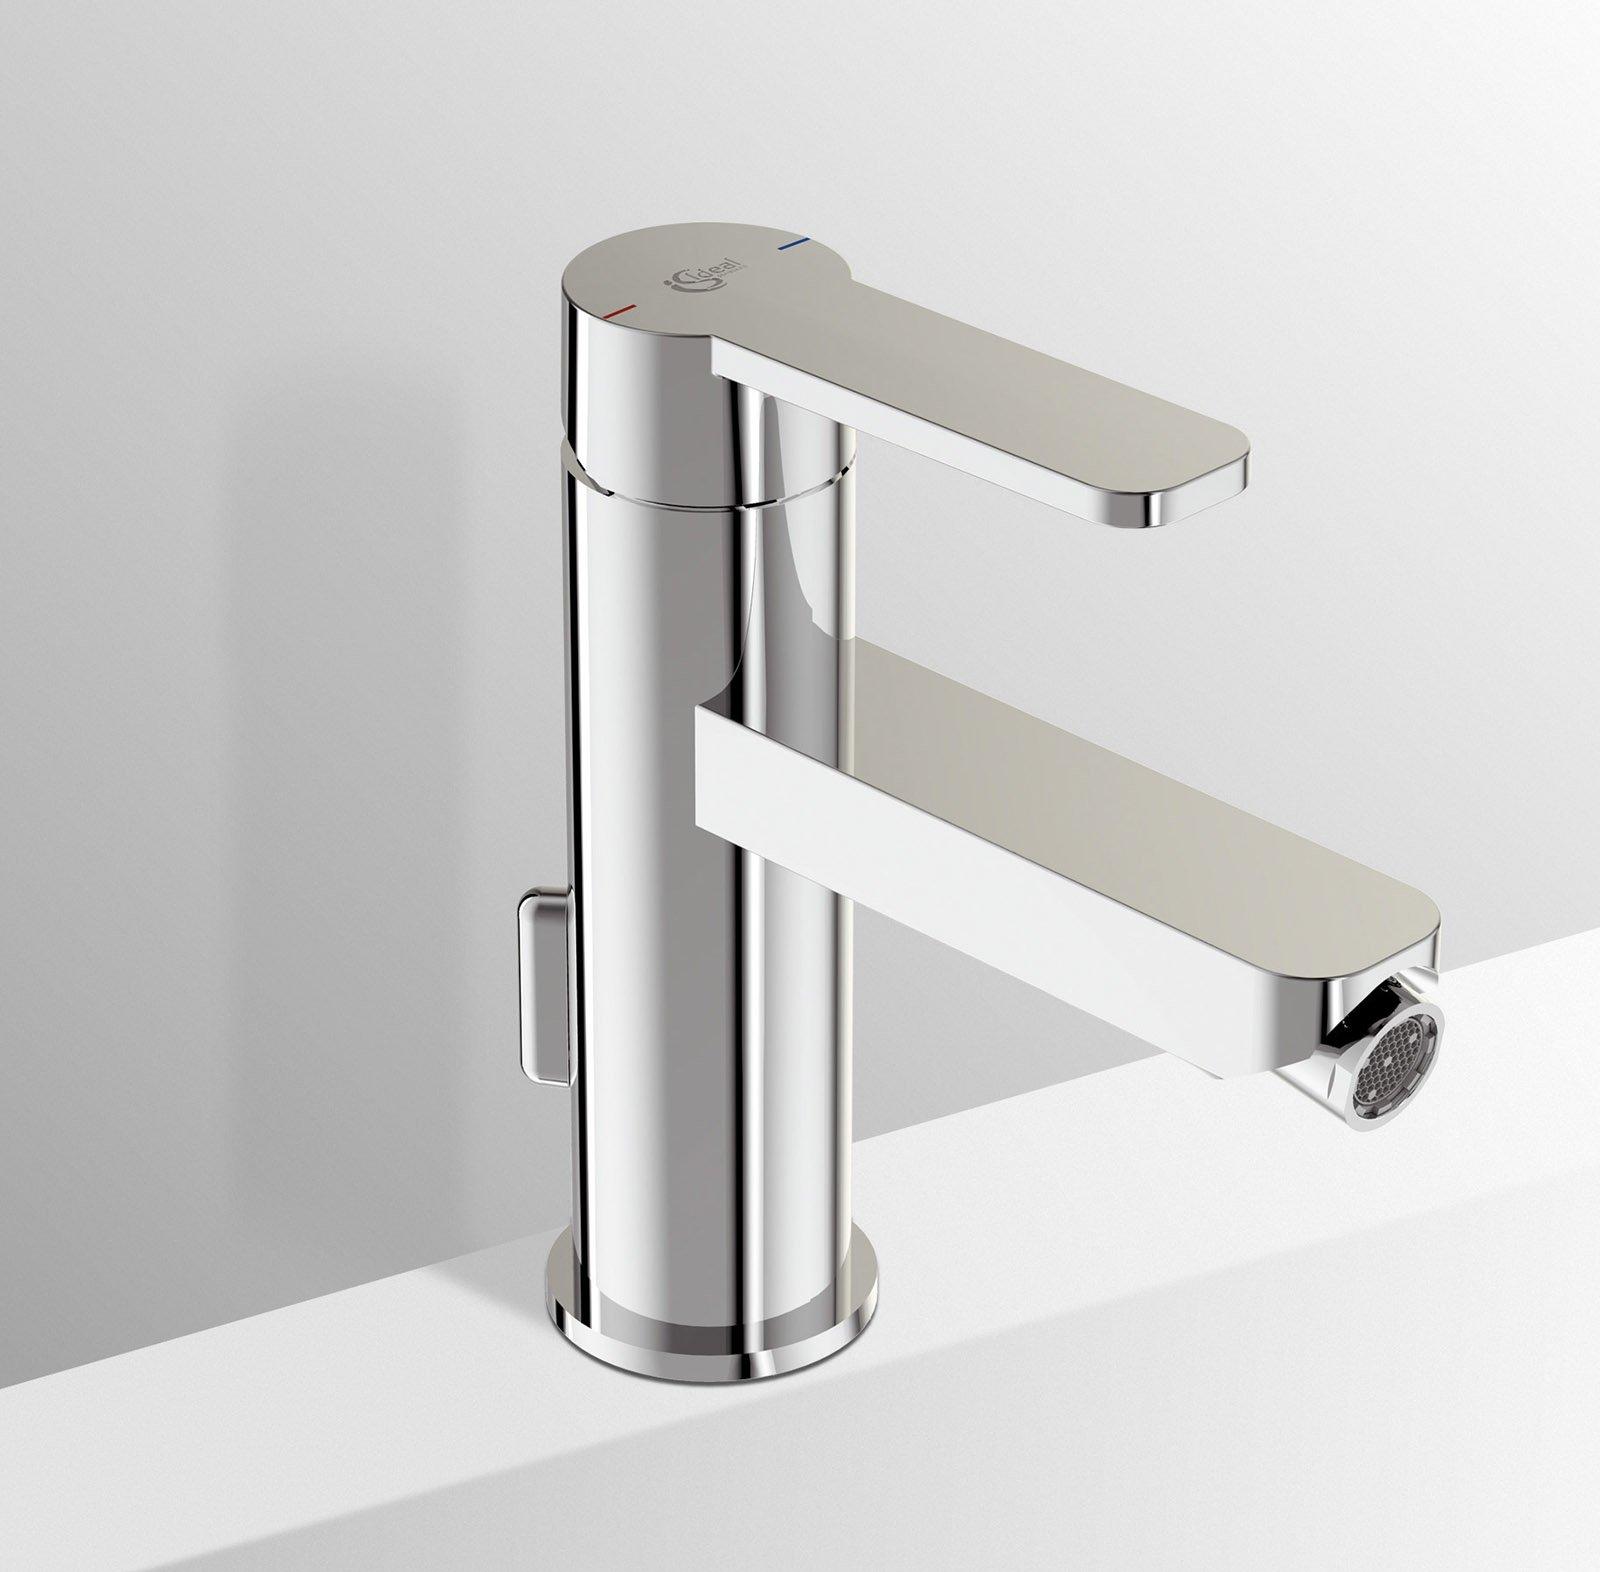 Rubinetti low cost per il bagno cose di casa - Rubinetti bagno ideal standard ...